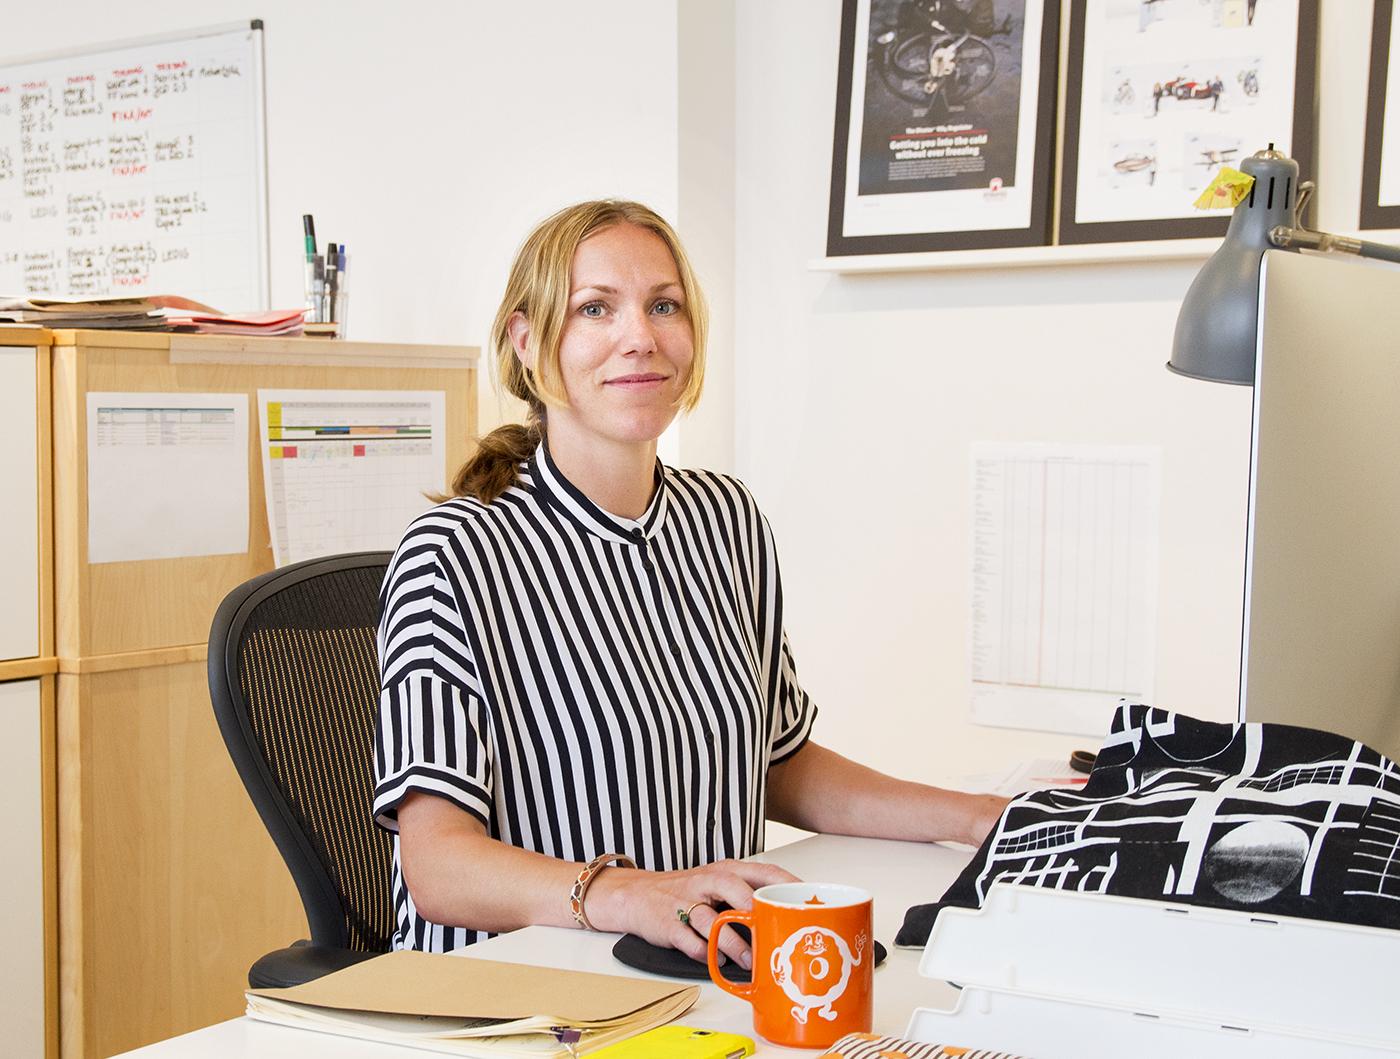 Sandra Ljung är ny grafisk formgivare på reklambyrån Nkel i Stockholm, där hon bland annat kommer designa grafiska profiler